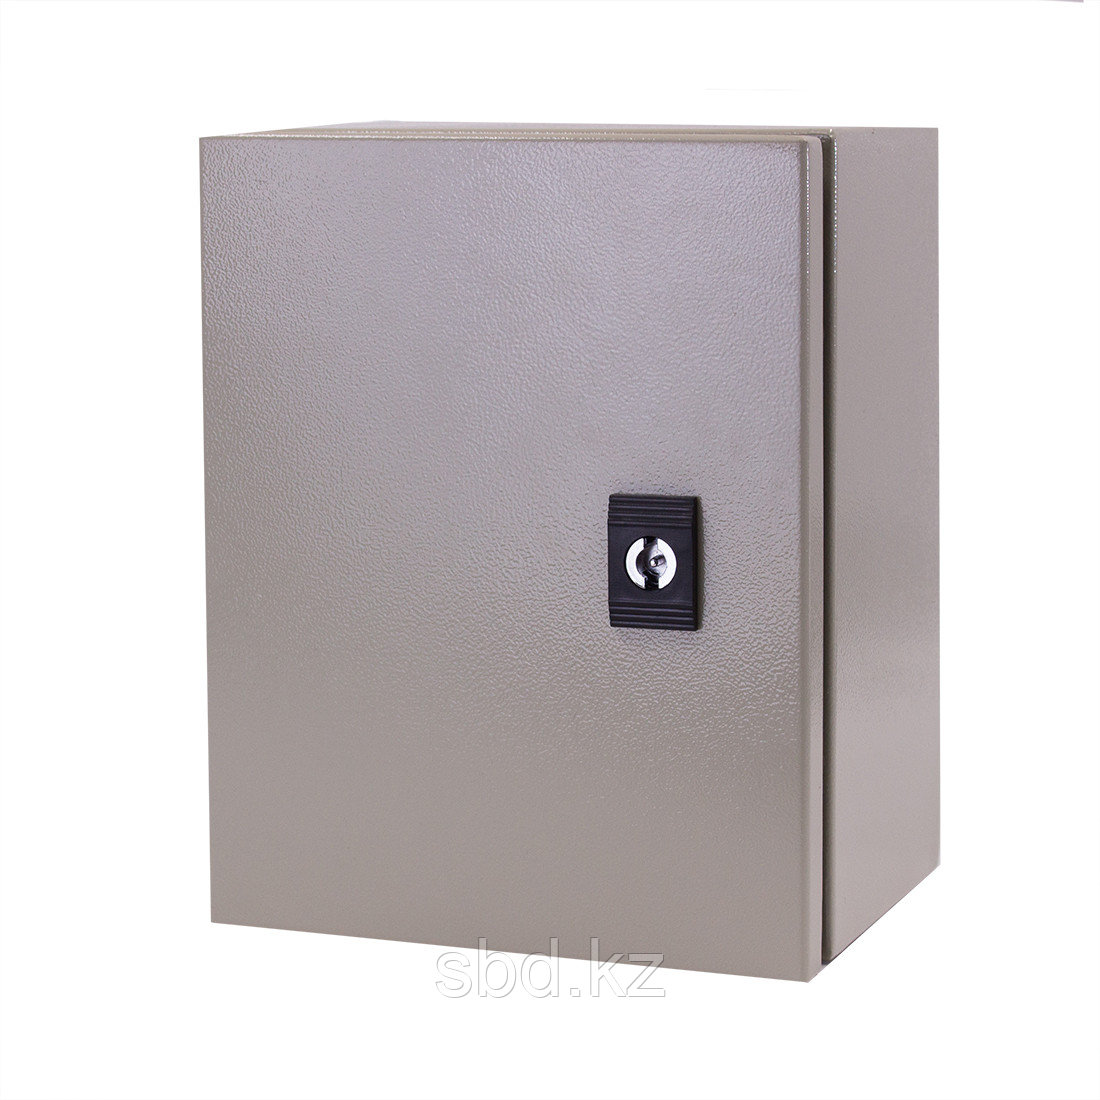 Настенный всепогодный шкаф, SHIP, OWB2-2-1, 250*200*150 мм, (В*Ш*Г), IP66, Серый